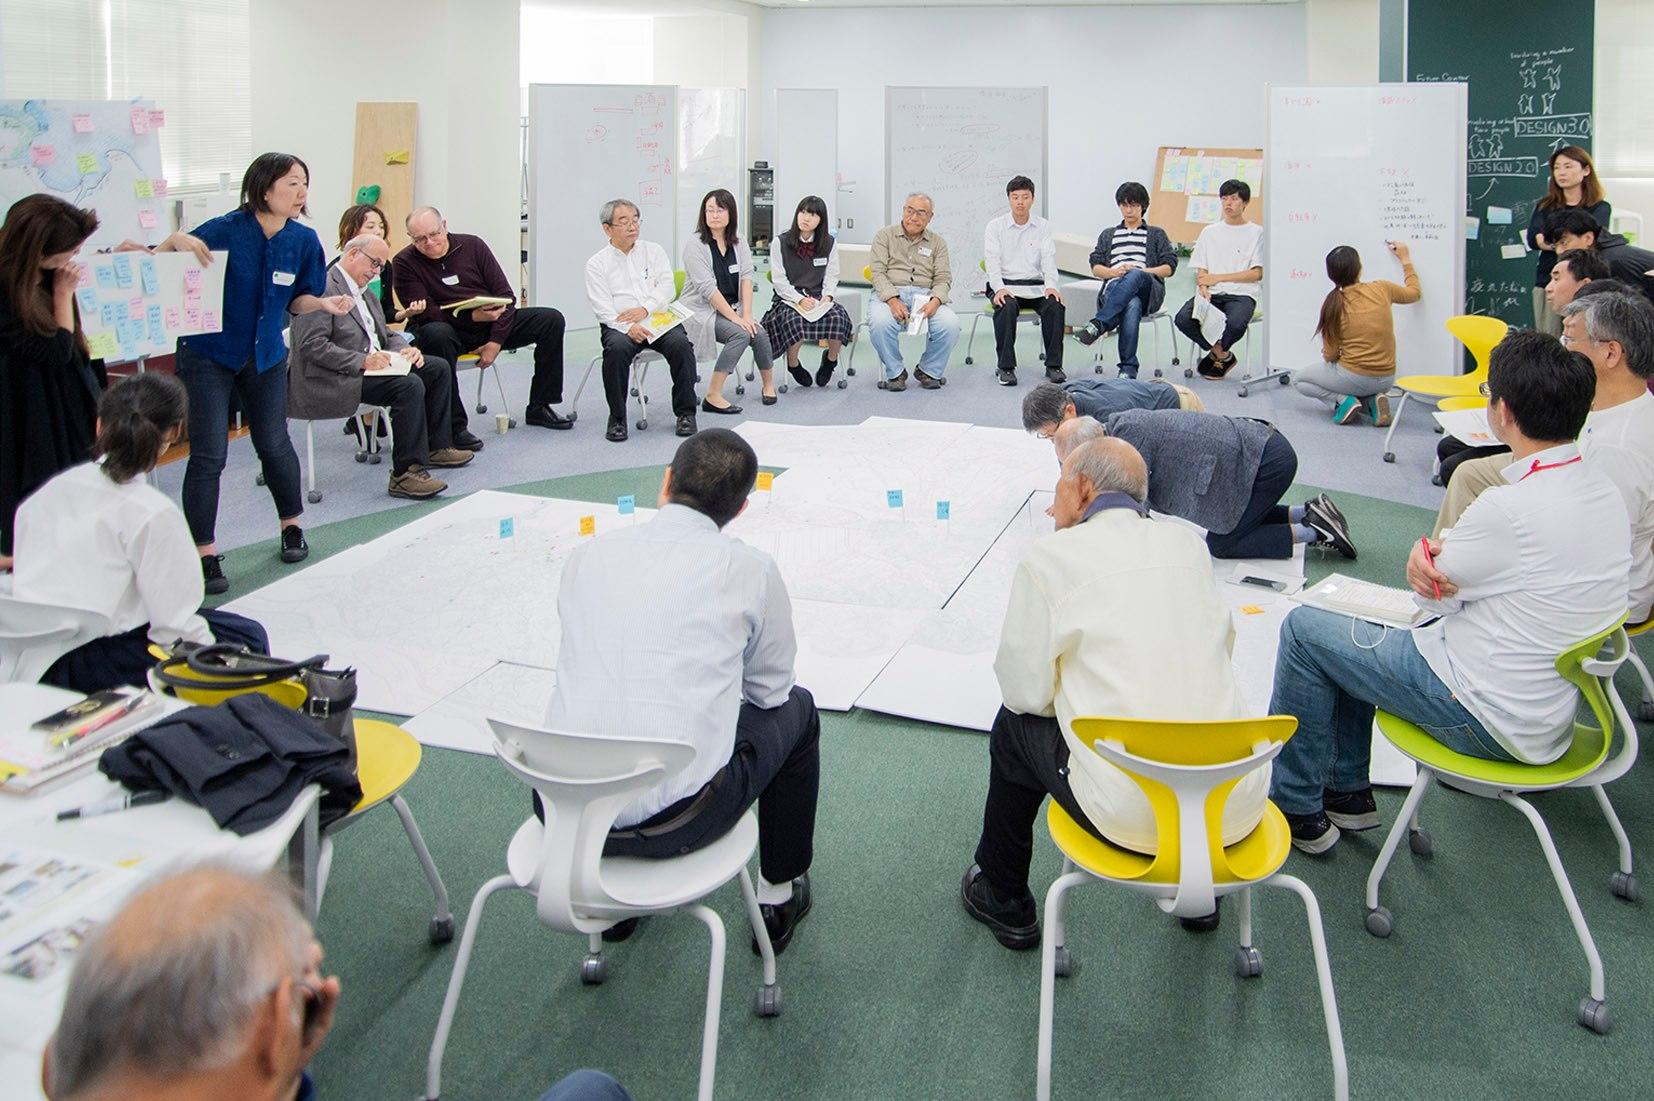 市民を中心とした共創手法「リビングラボ」。徳島県小松島市での「こまつしまリビングラボ」に参画しました。